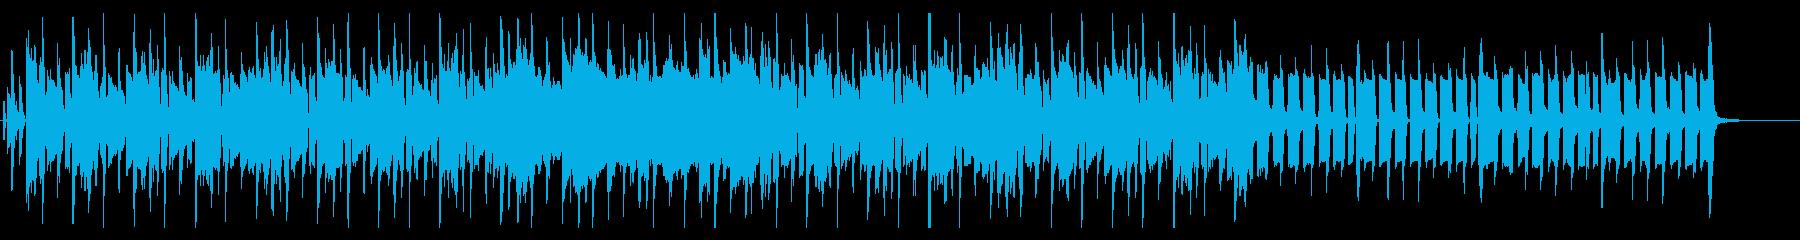 渋めのロックテイストなテクスチャーの再生済みの波形